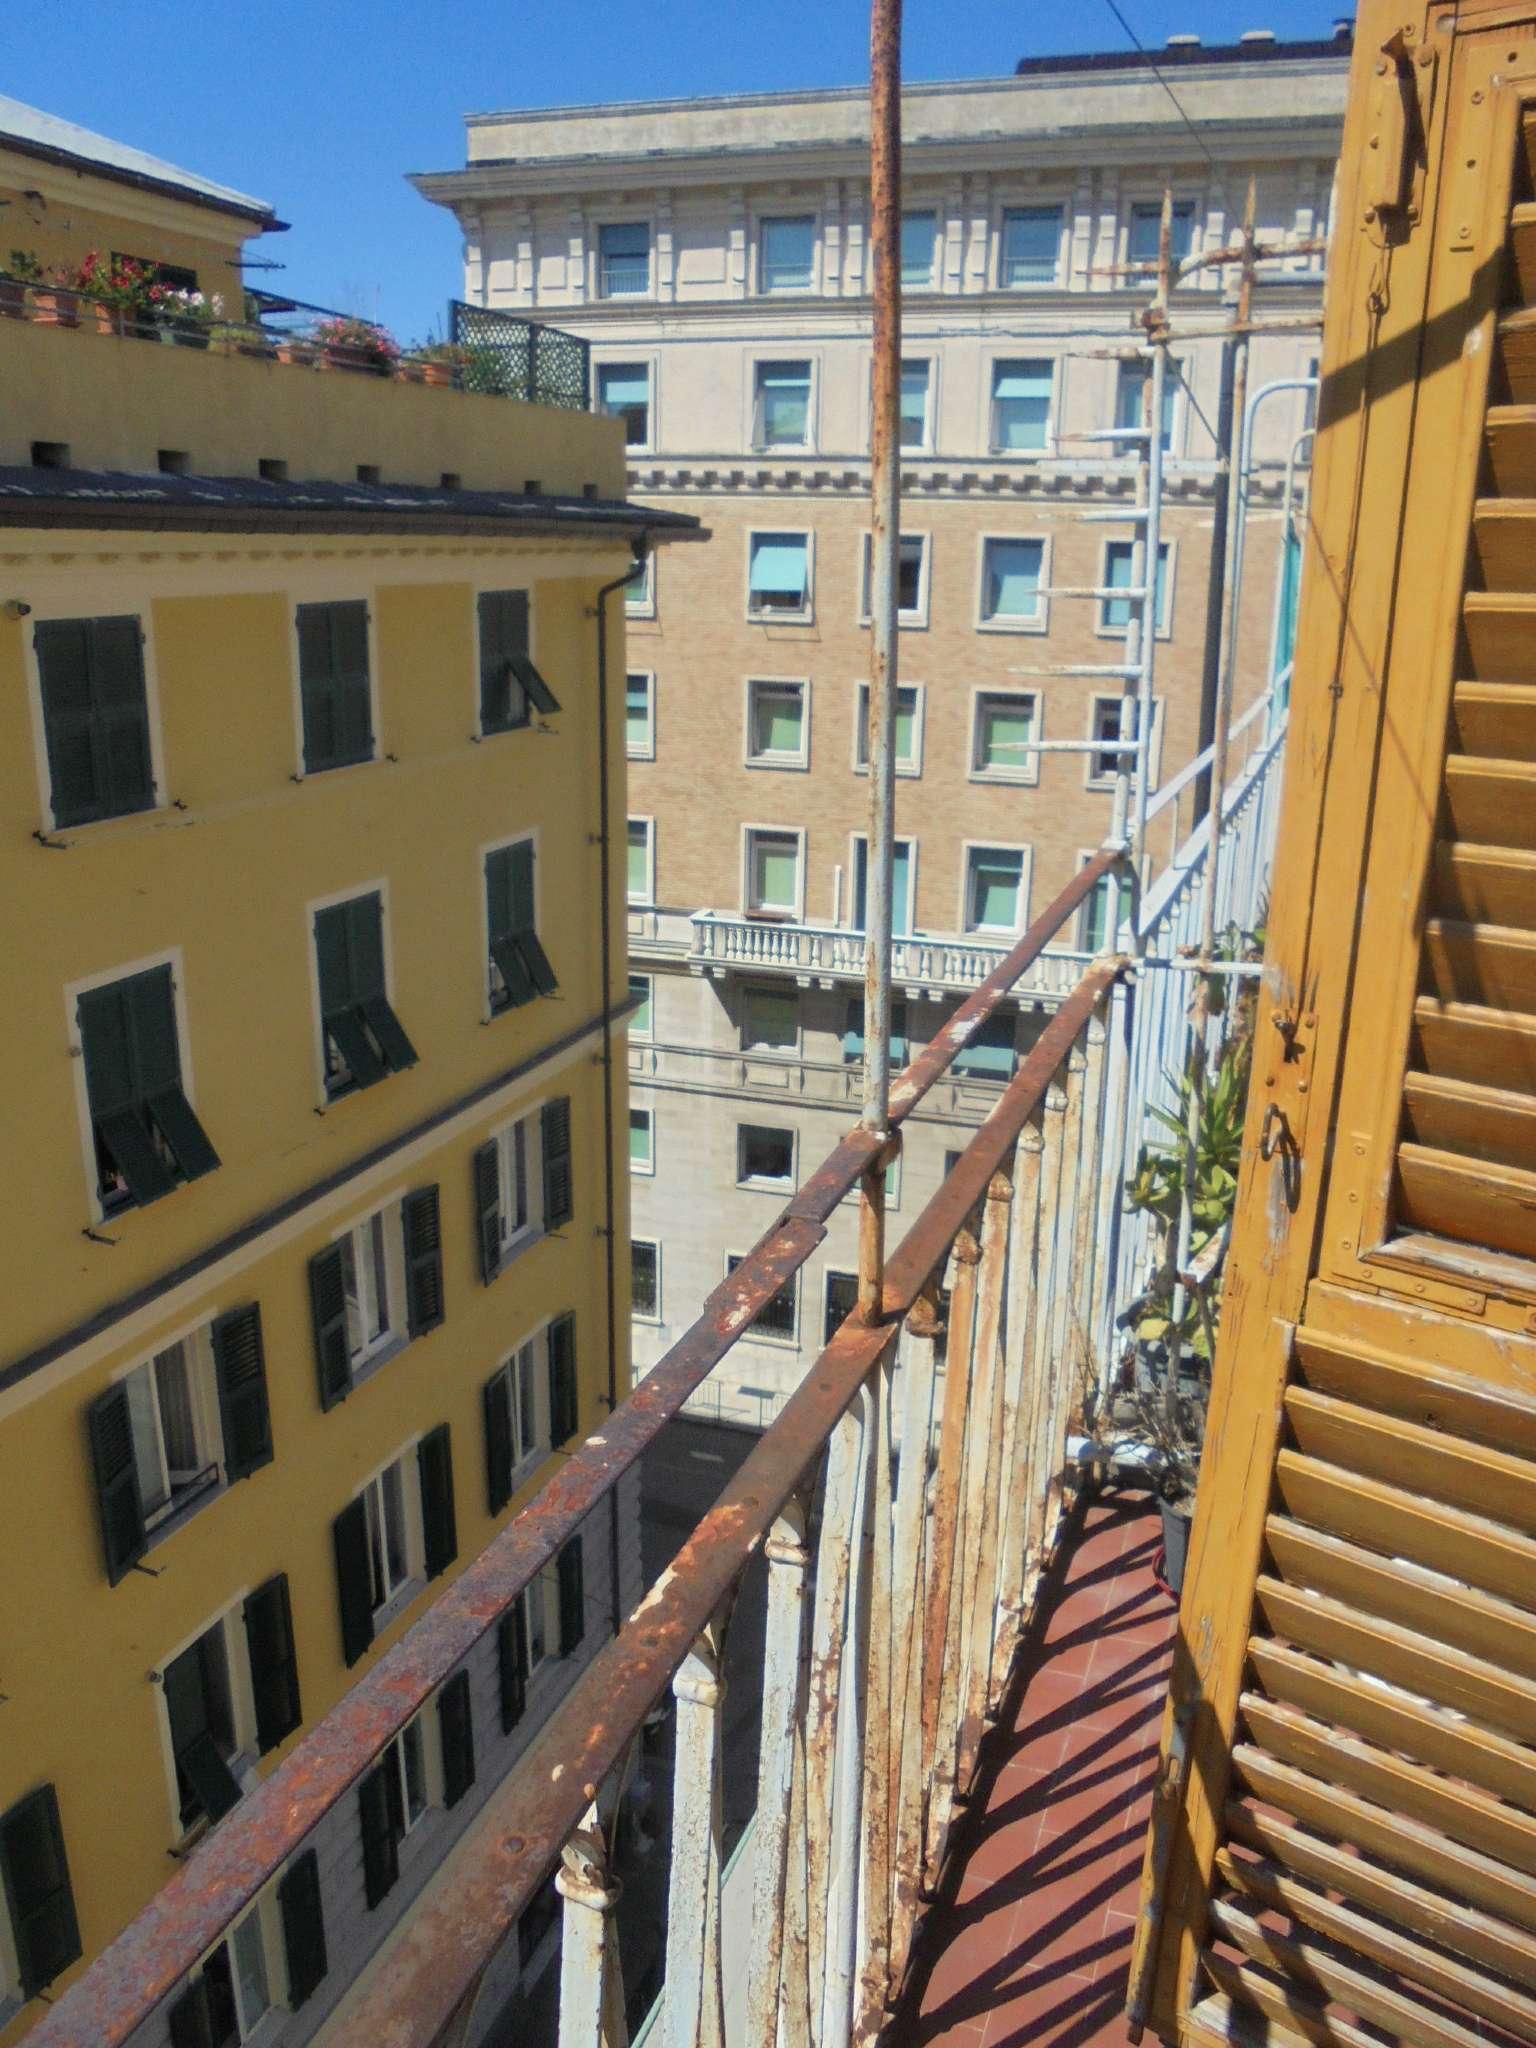 Attico / Mansarda in affitto a Genova, 7 locali, prezzo € 700 | CambioCasa.it